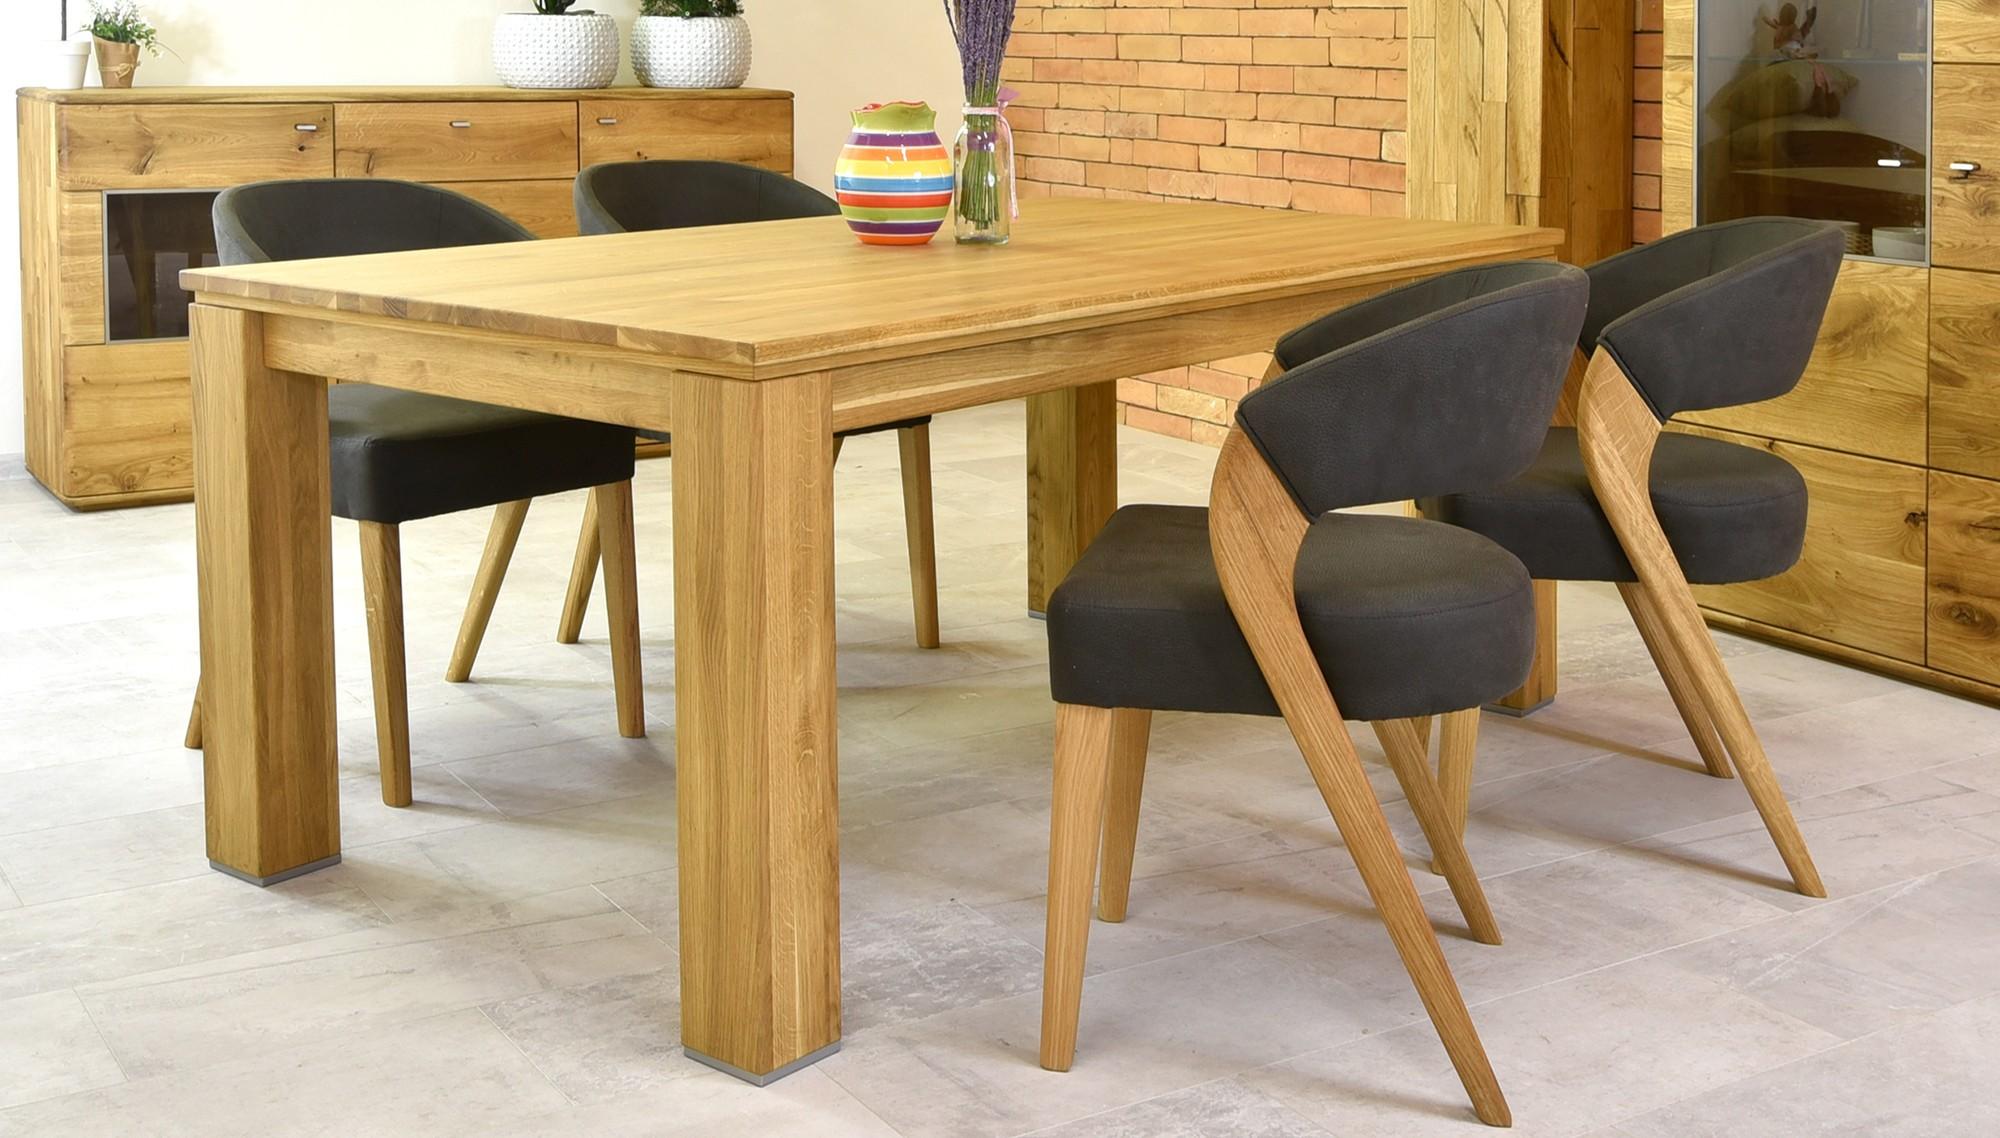 7a92dce69a99 Moderný jedálenský stôl a stoličky (škandinávsky dizajn)